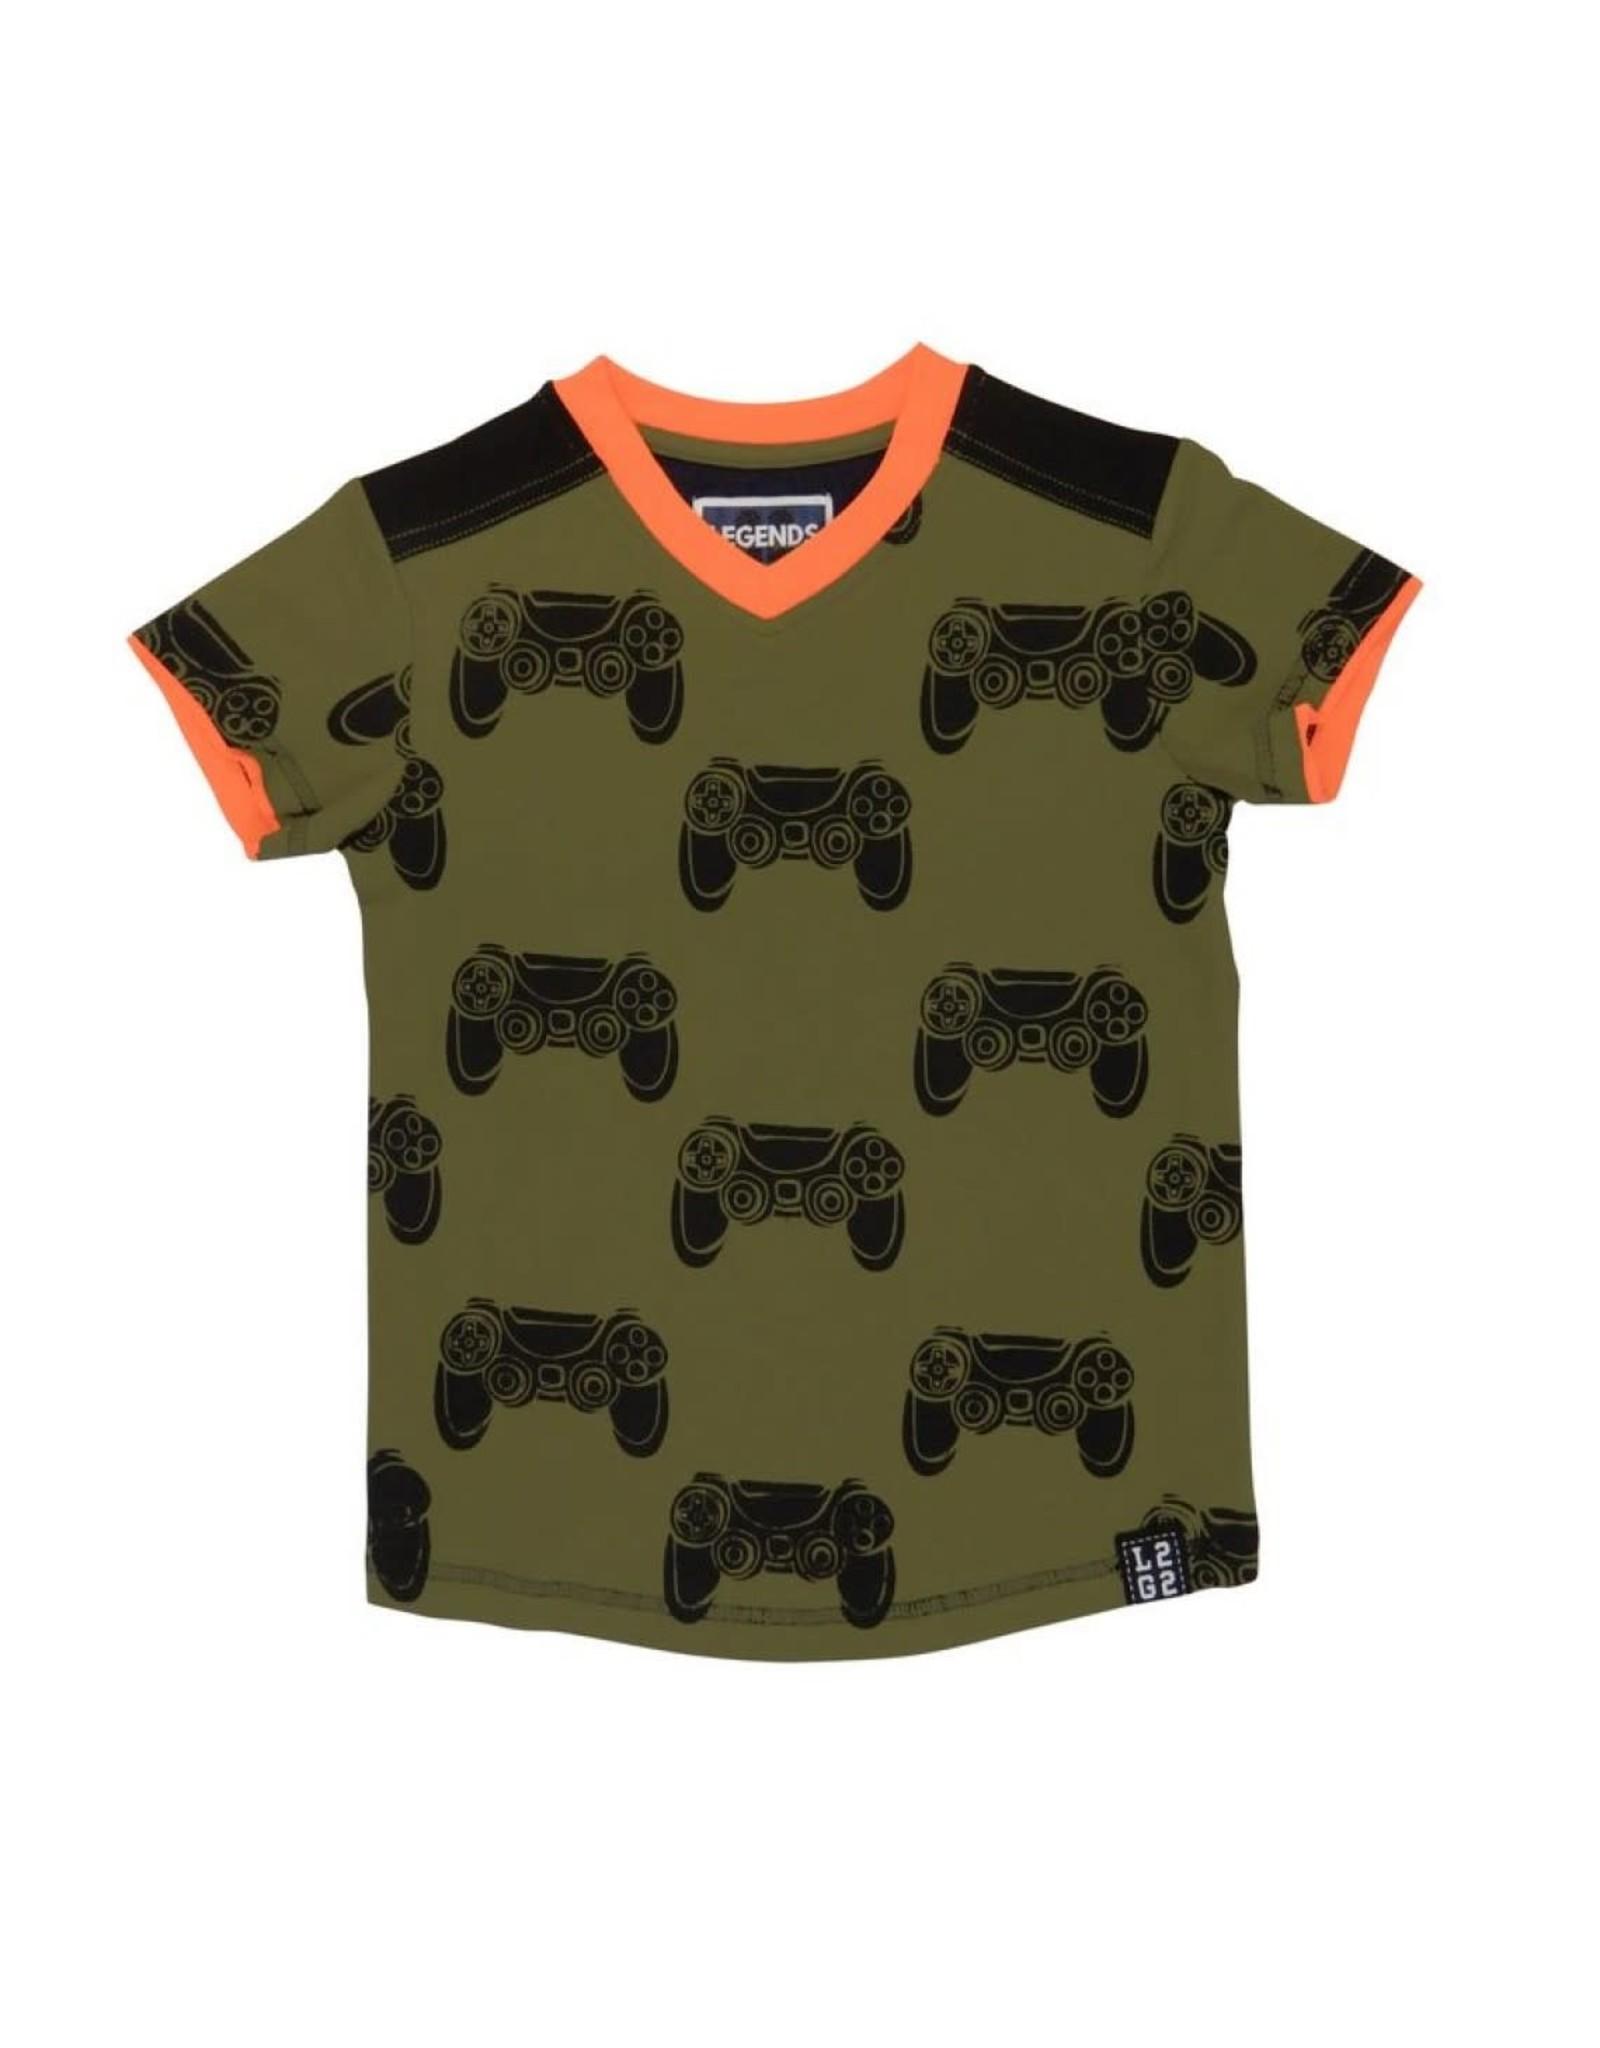 Legends22 Legends jongens t-shirt Controller